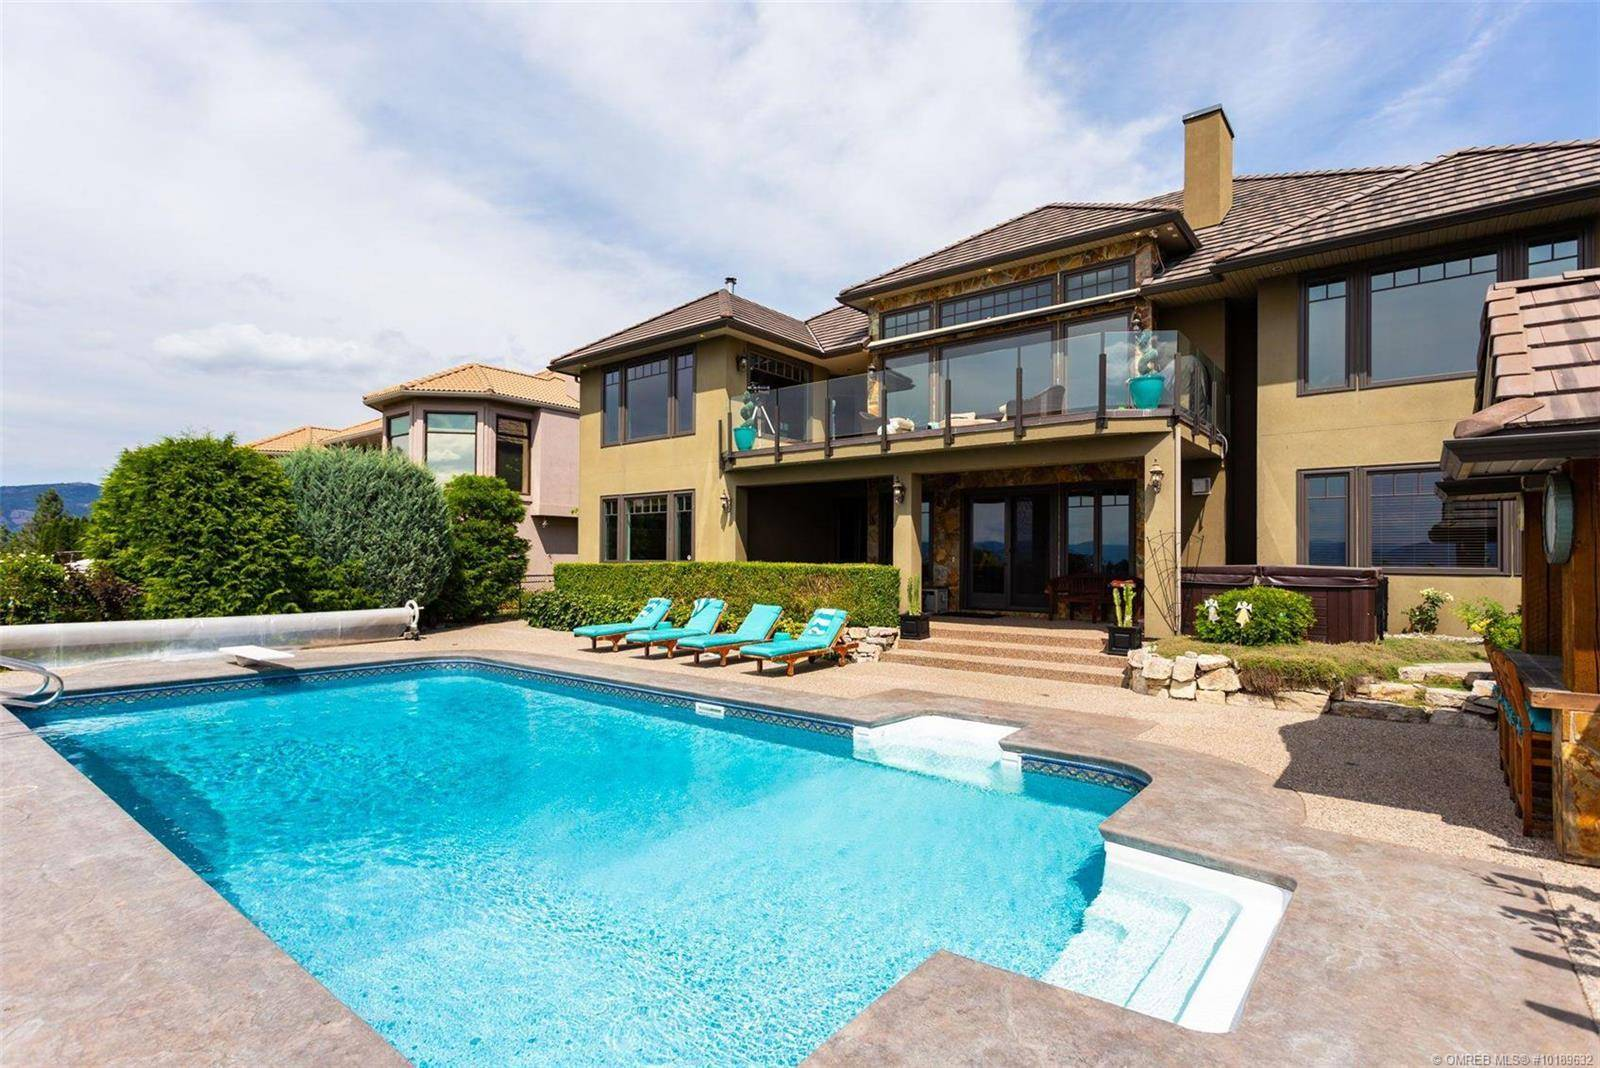 House for sale at 986 Skeena Dr Kelowna British Columbia - MLS: 10189632